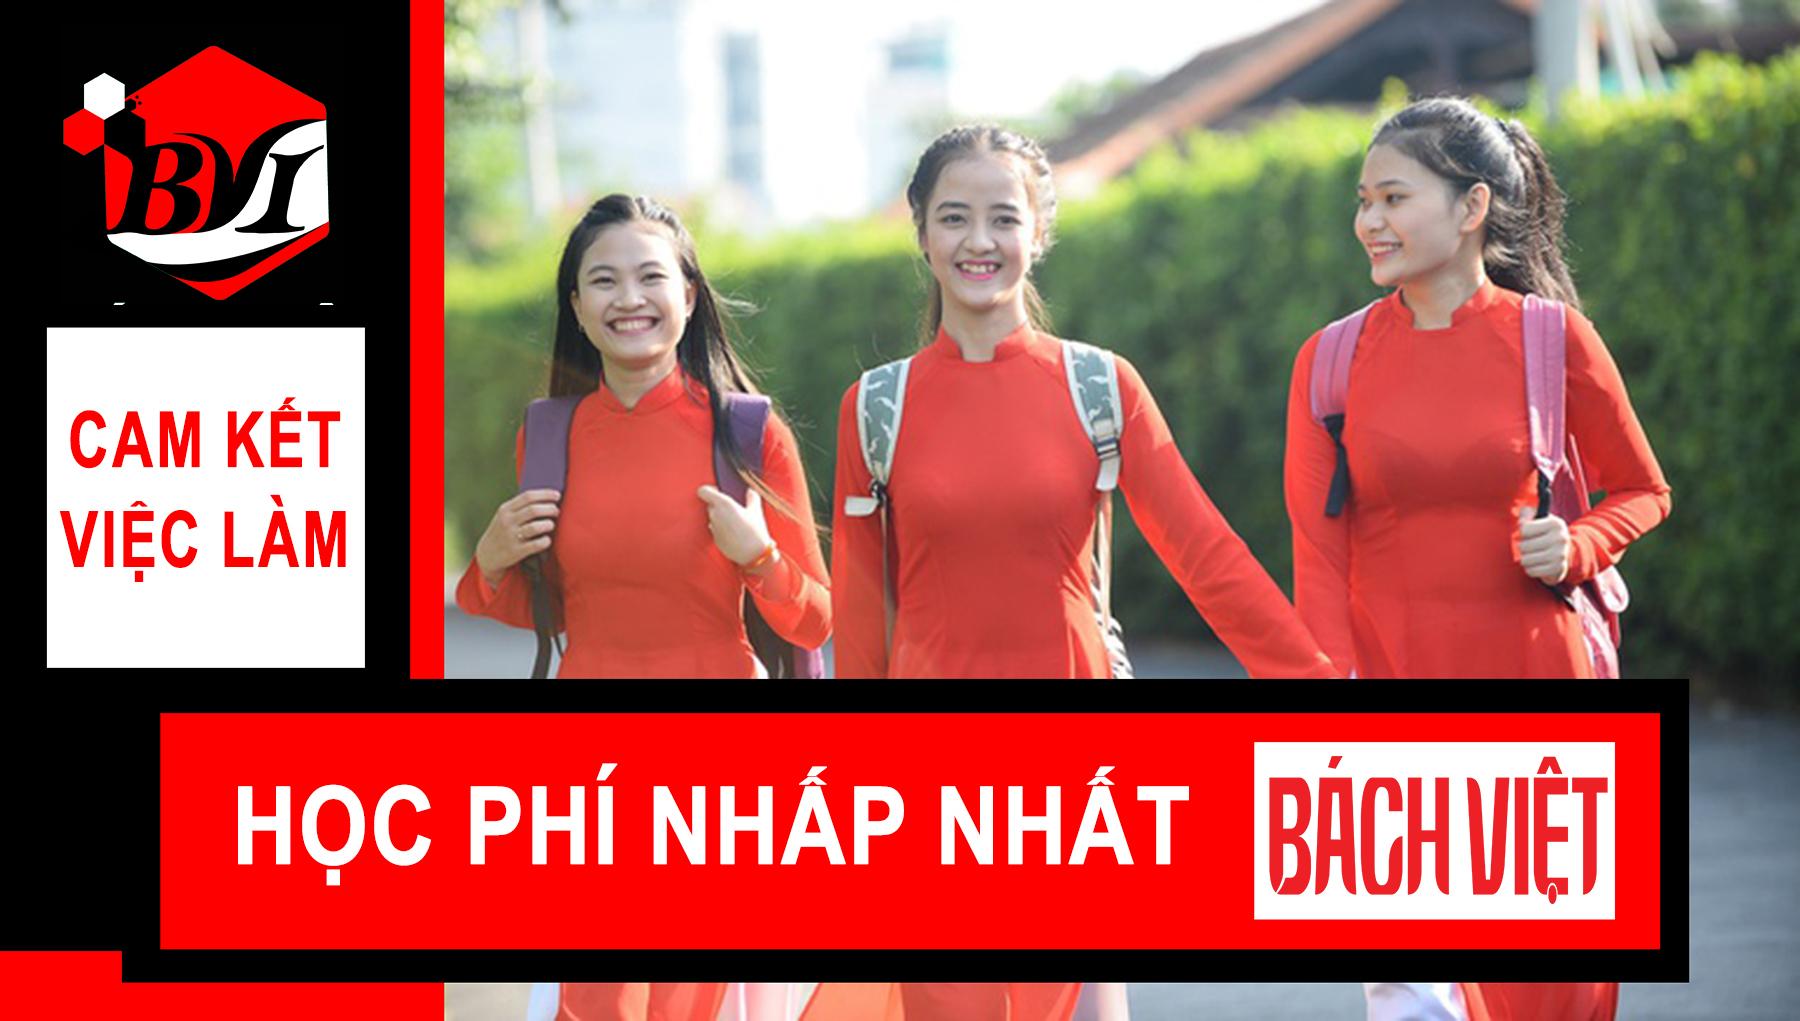 Tuyển Sinh Bách Việt-Cam Kết Chất Lượng Đào Tạo-Cam Kết Việc Làm